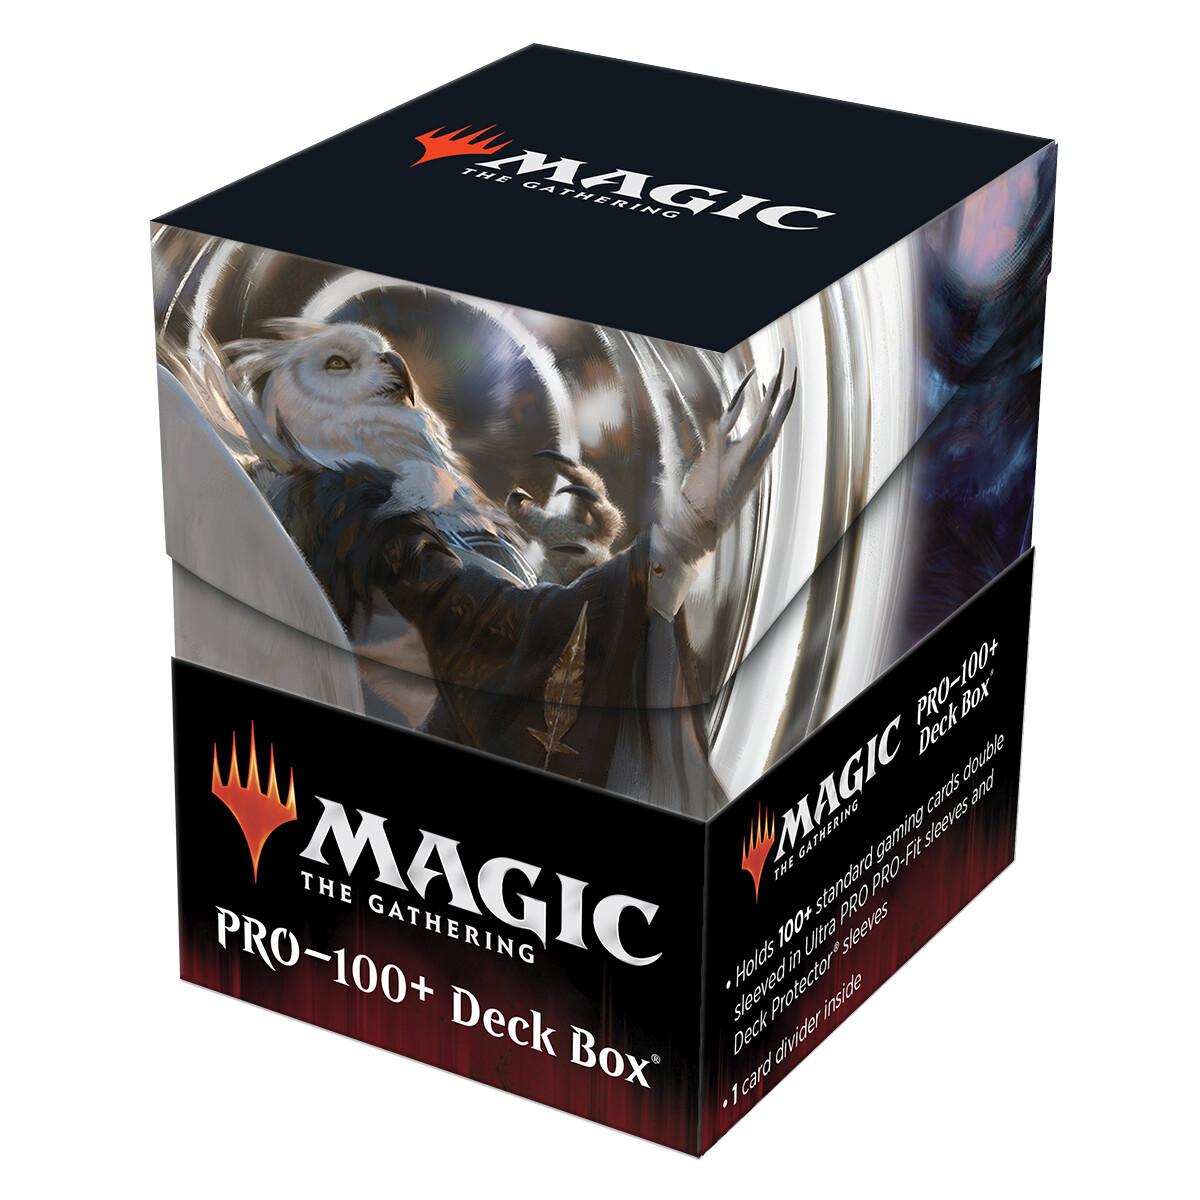 Deck Box: PRO 100+: MtG: Strixhaven V1